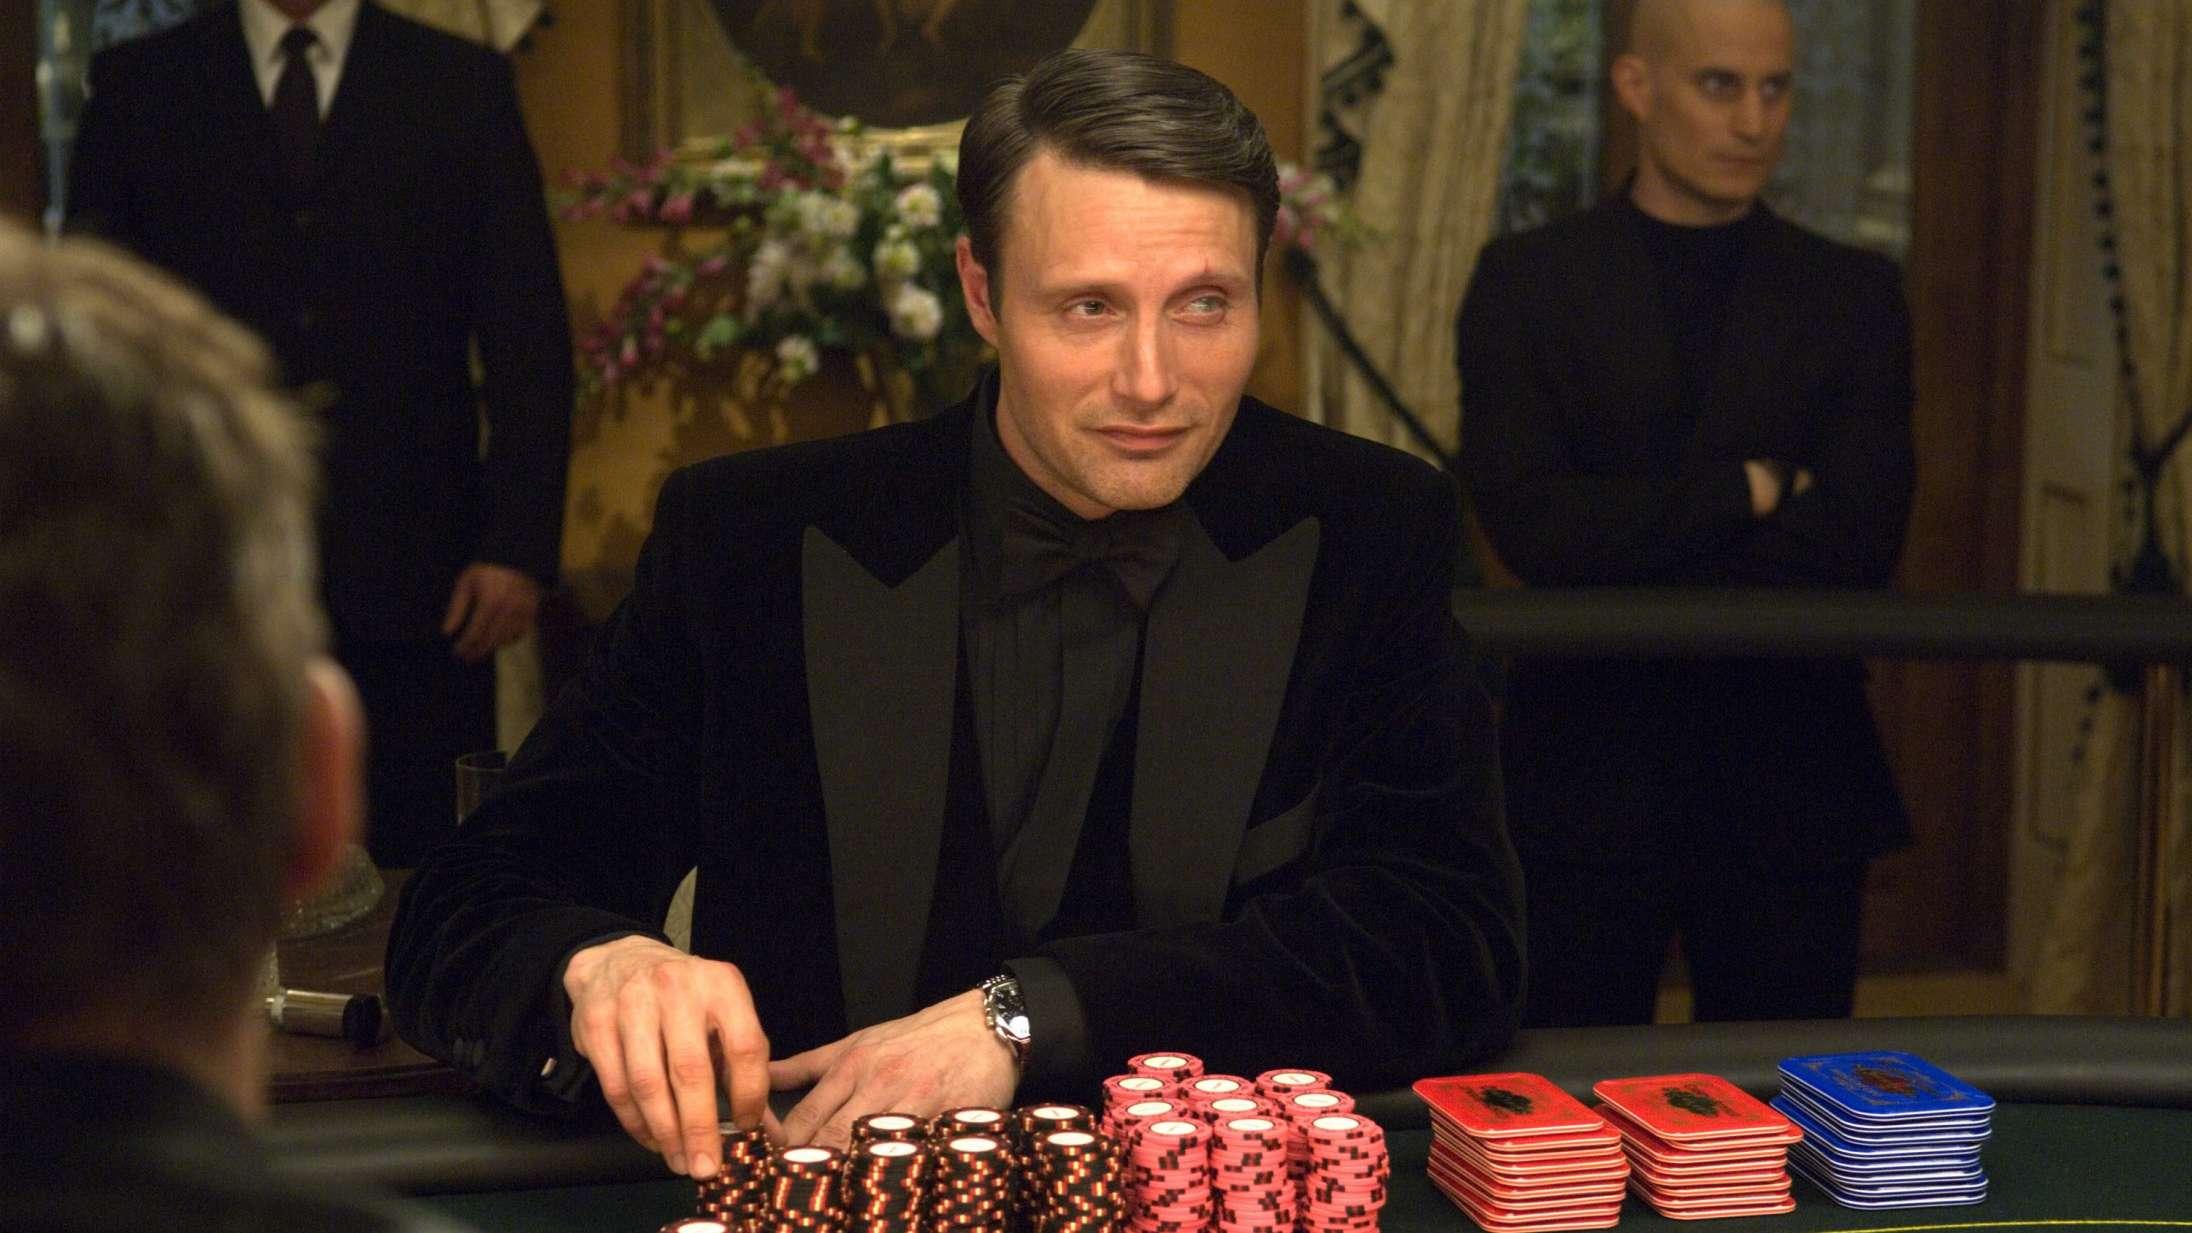 Mads Mikkelsen fortæller om 'Casino Royale'-bommert og potentielt 'Hannibal'-kys i nyt interview